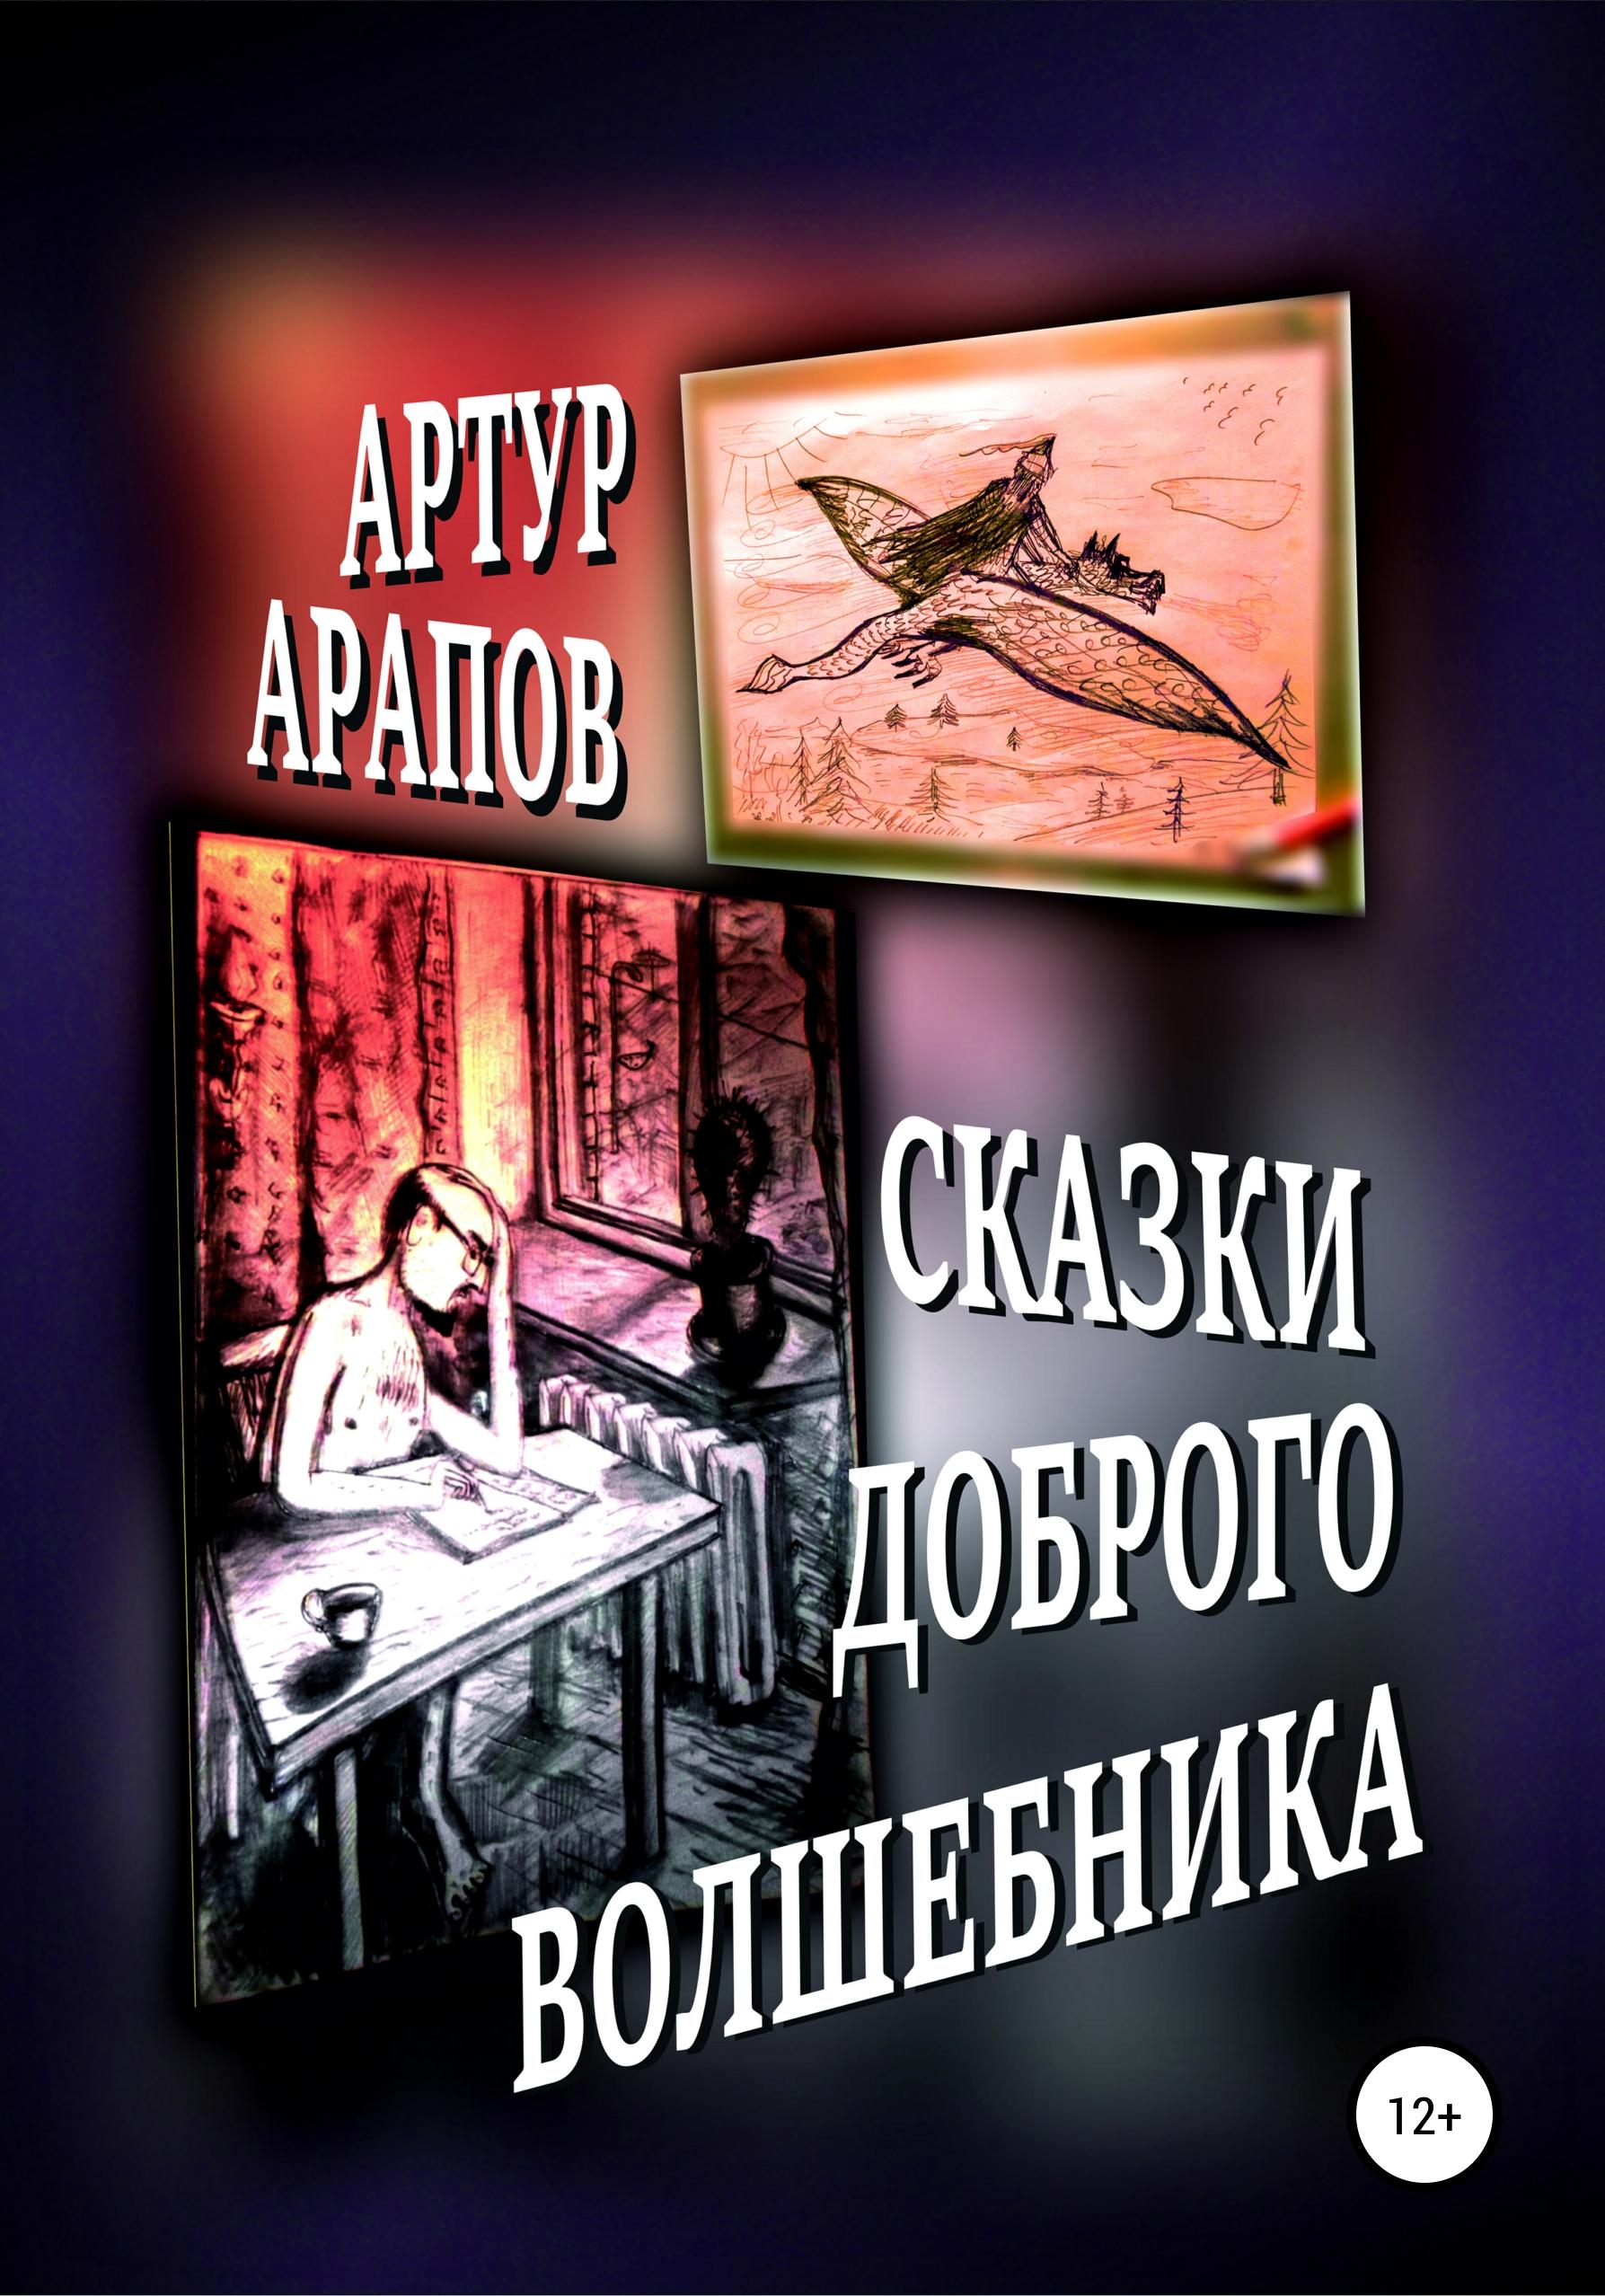 Артур Арапов Сказки доброго волшебника. Сборник цена